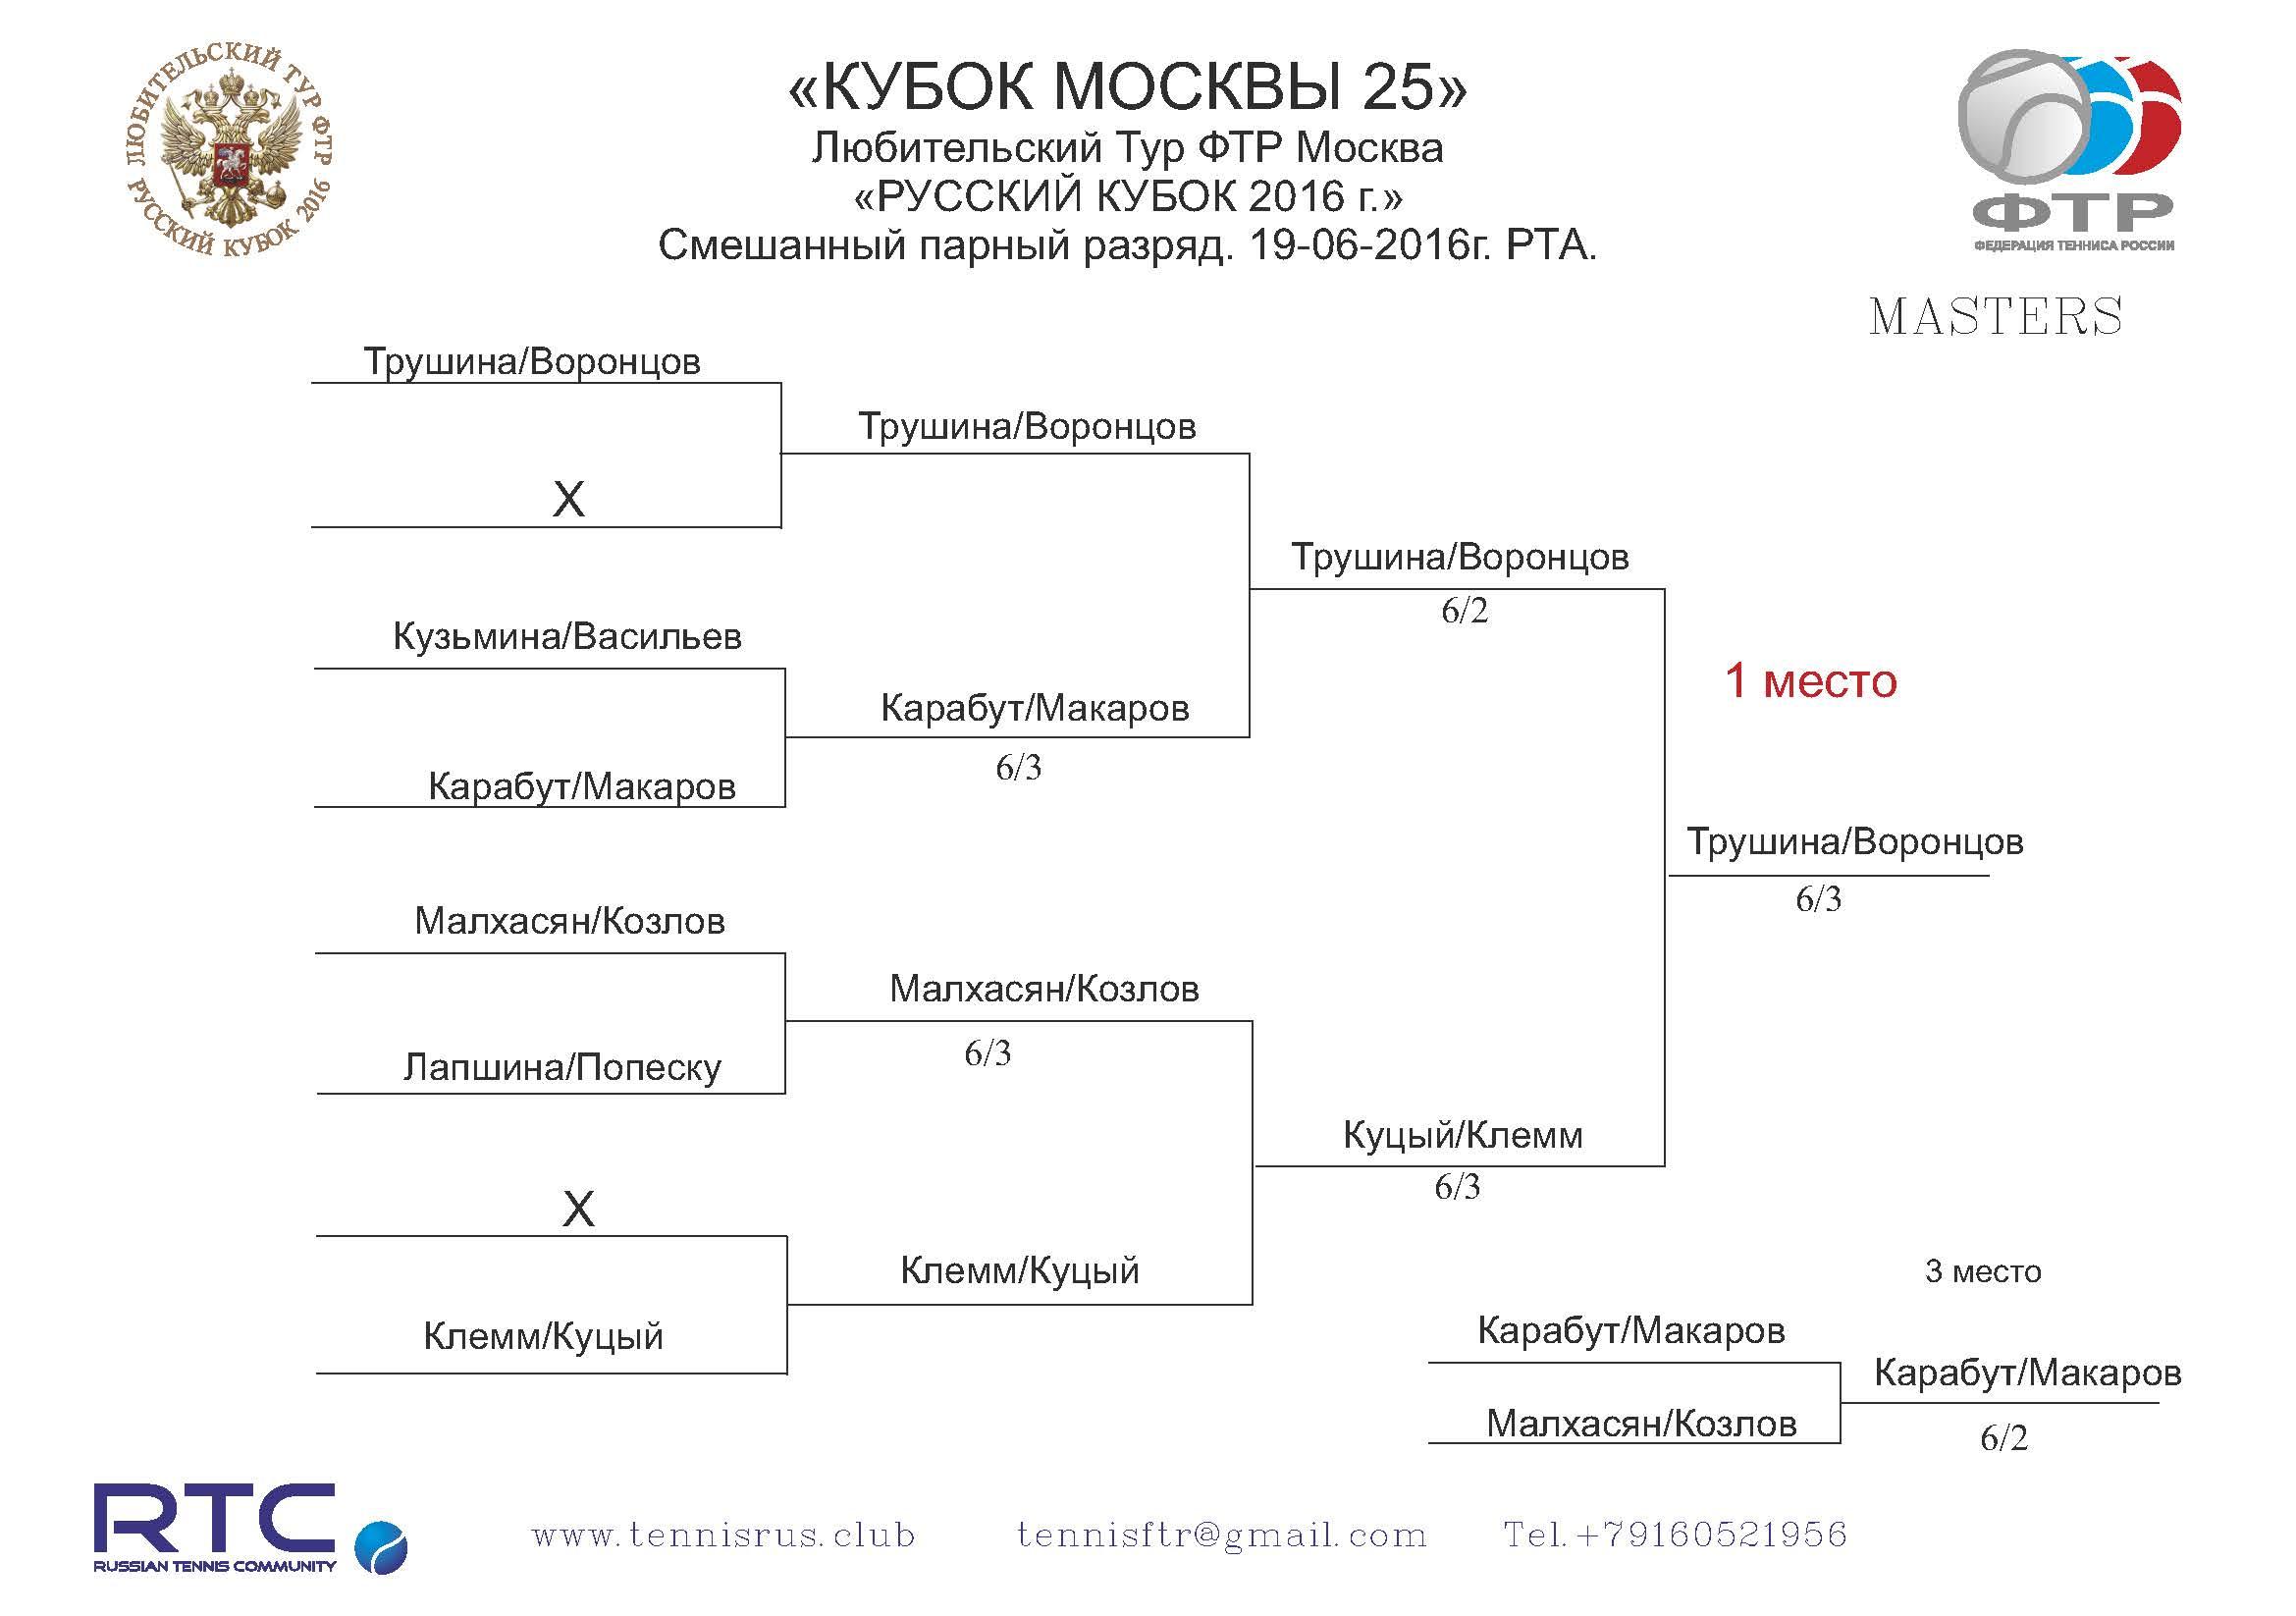 MC 25 2016 mixed Masters NET main